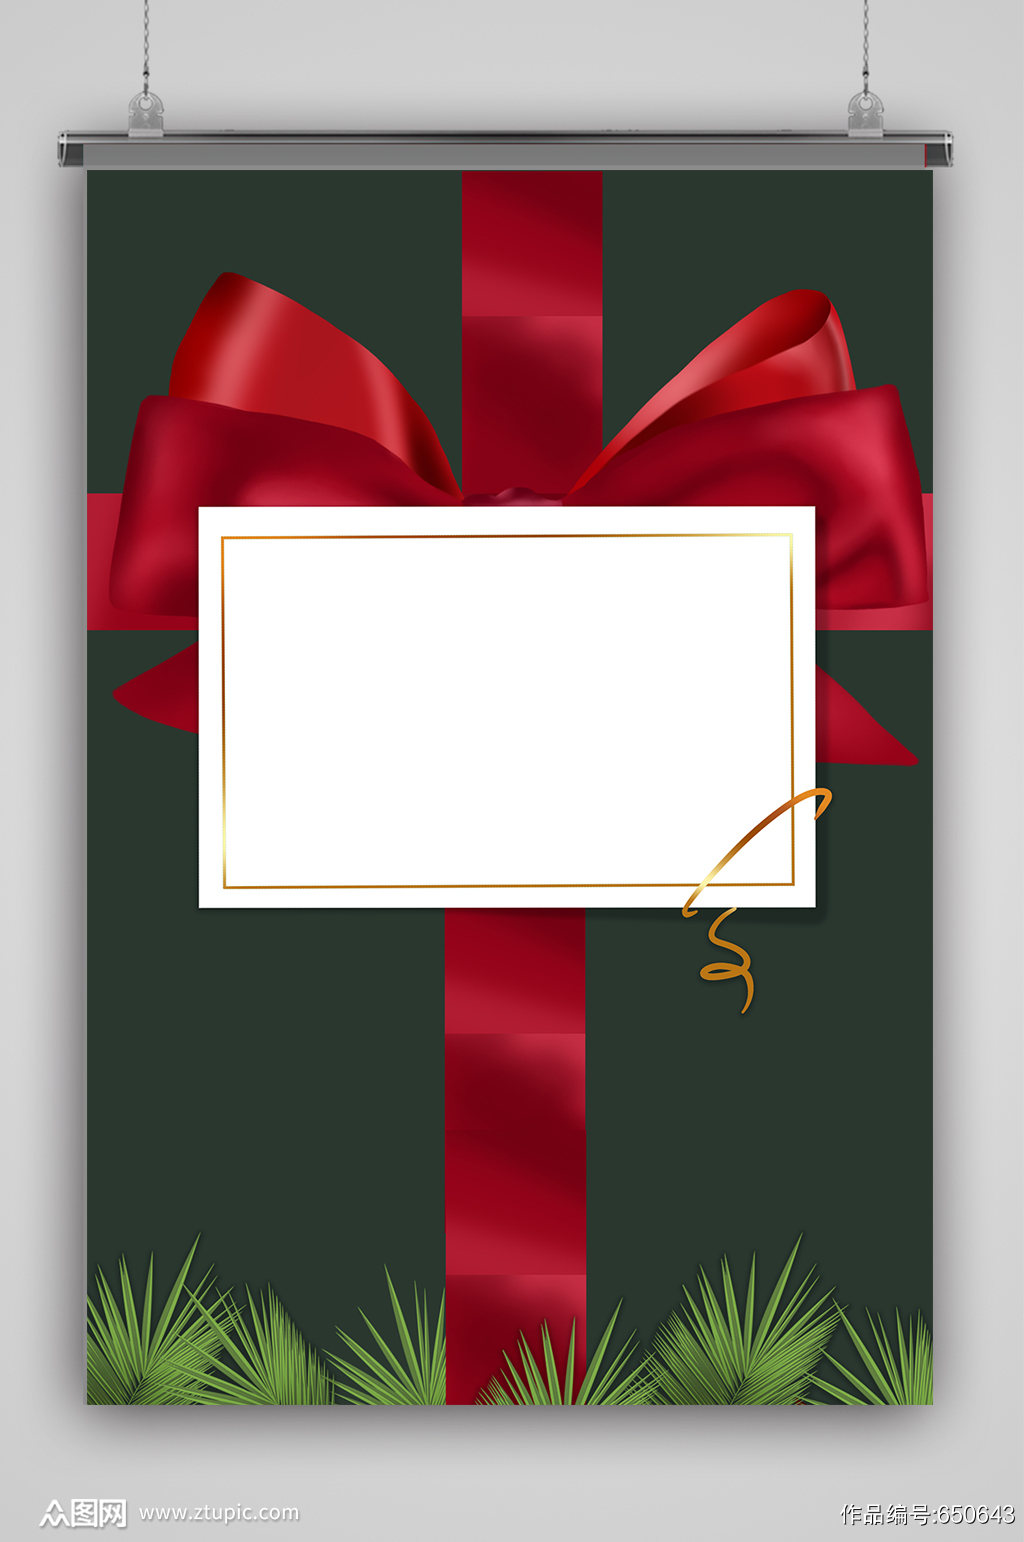 圣诞节红色喜庆卡通背景素材